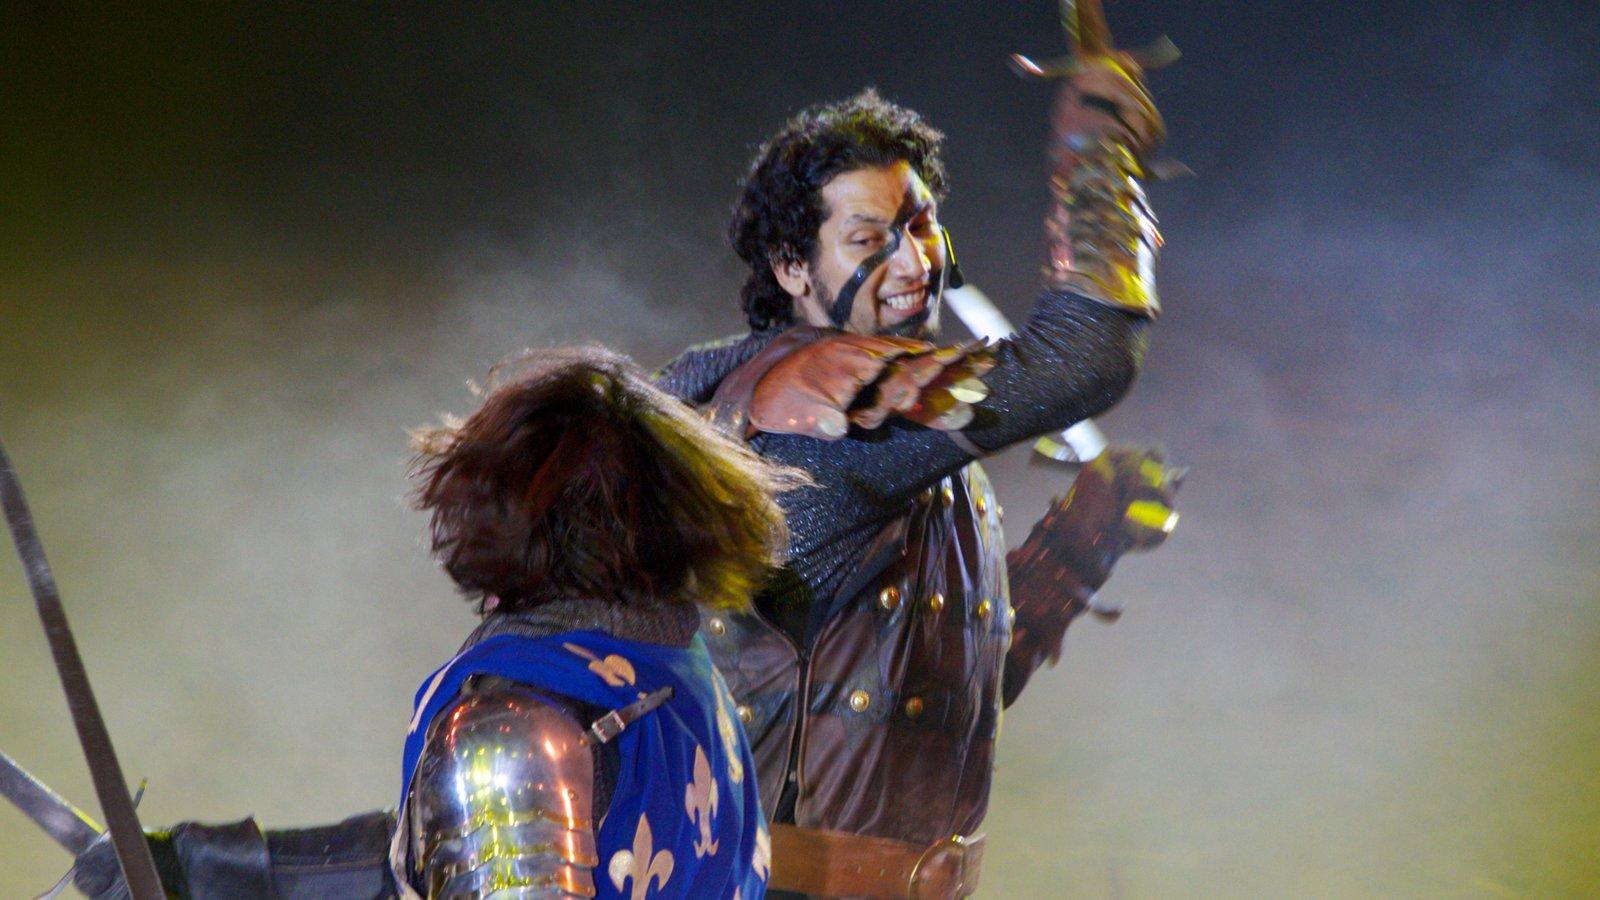 Cena show Medieval Times mostrando arte escénica y también un hombre